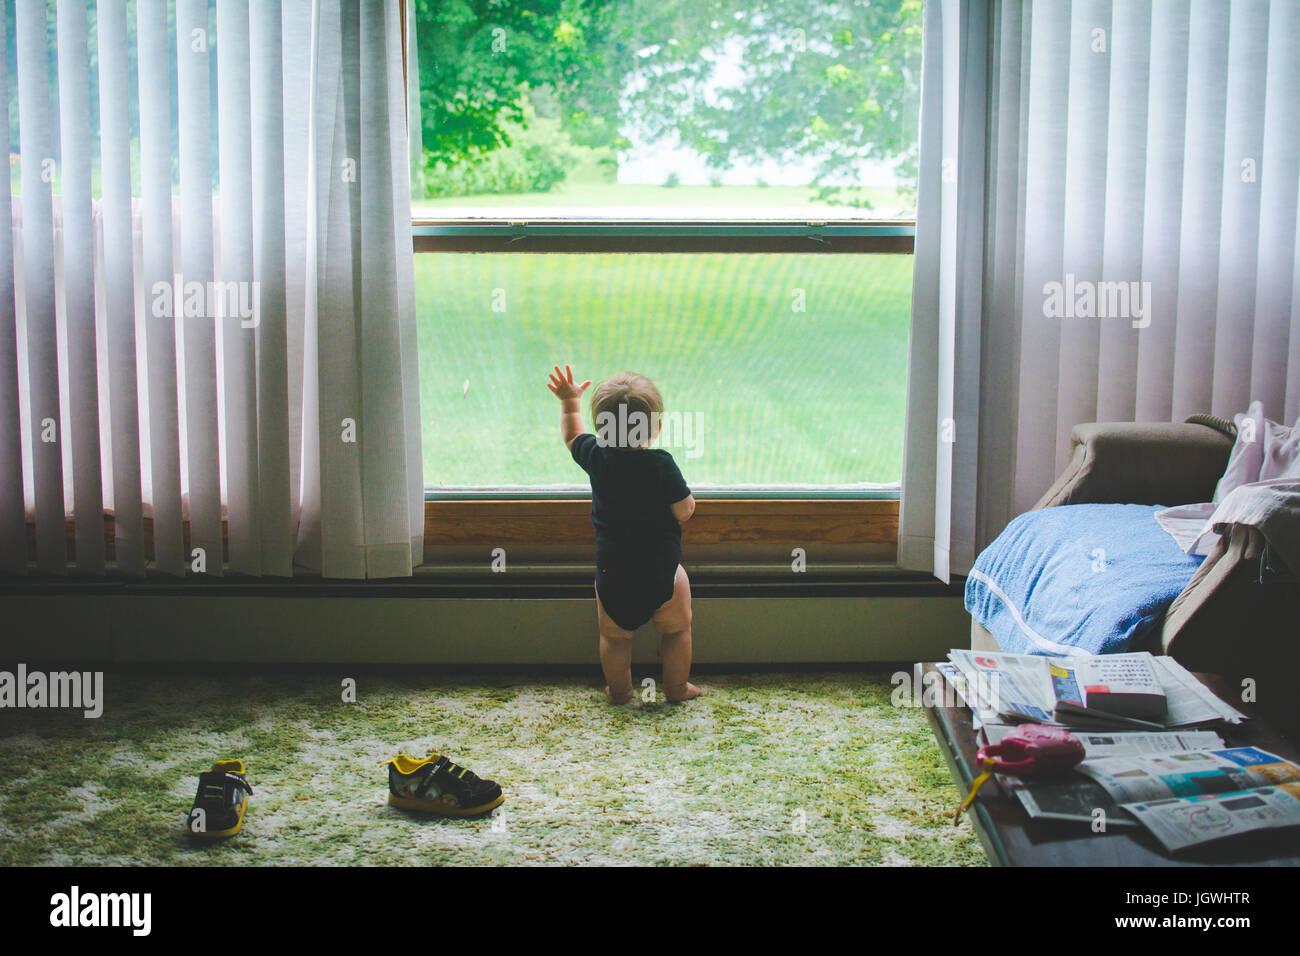 Ein Kind steht mit ihrer Hand in einem Fenster Stockbild